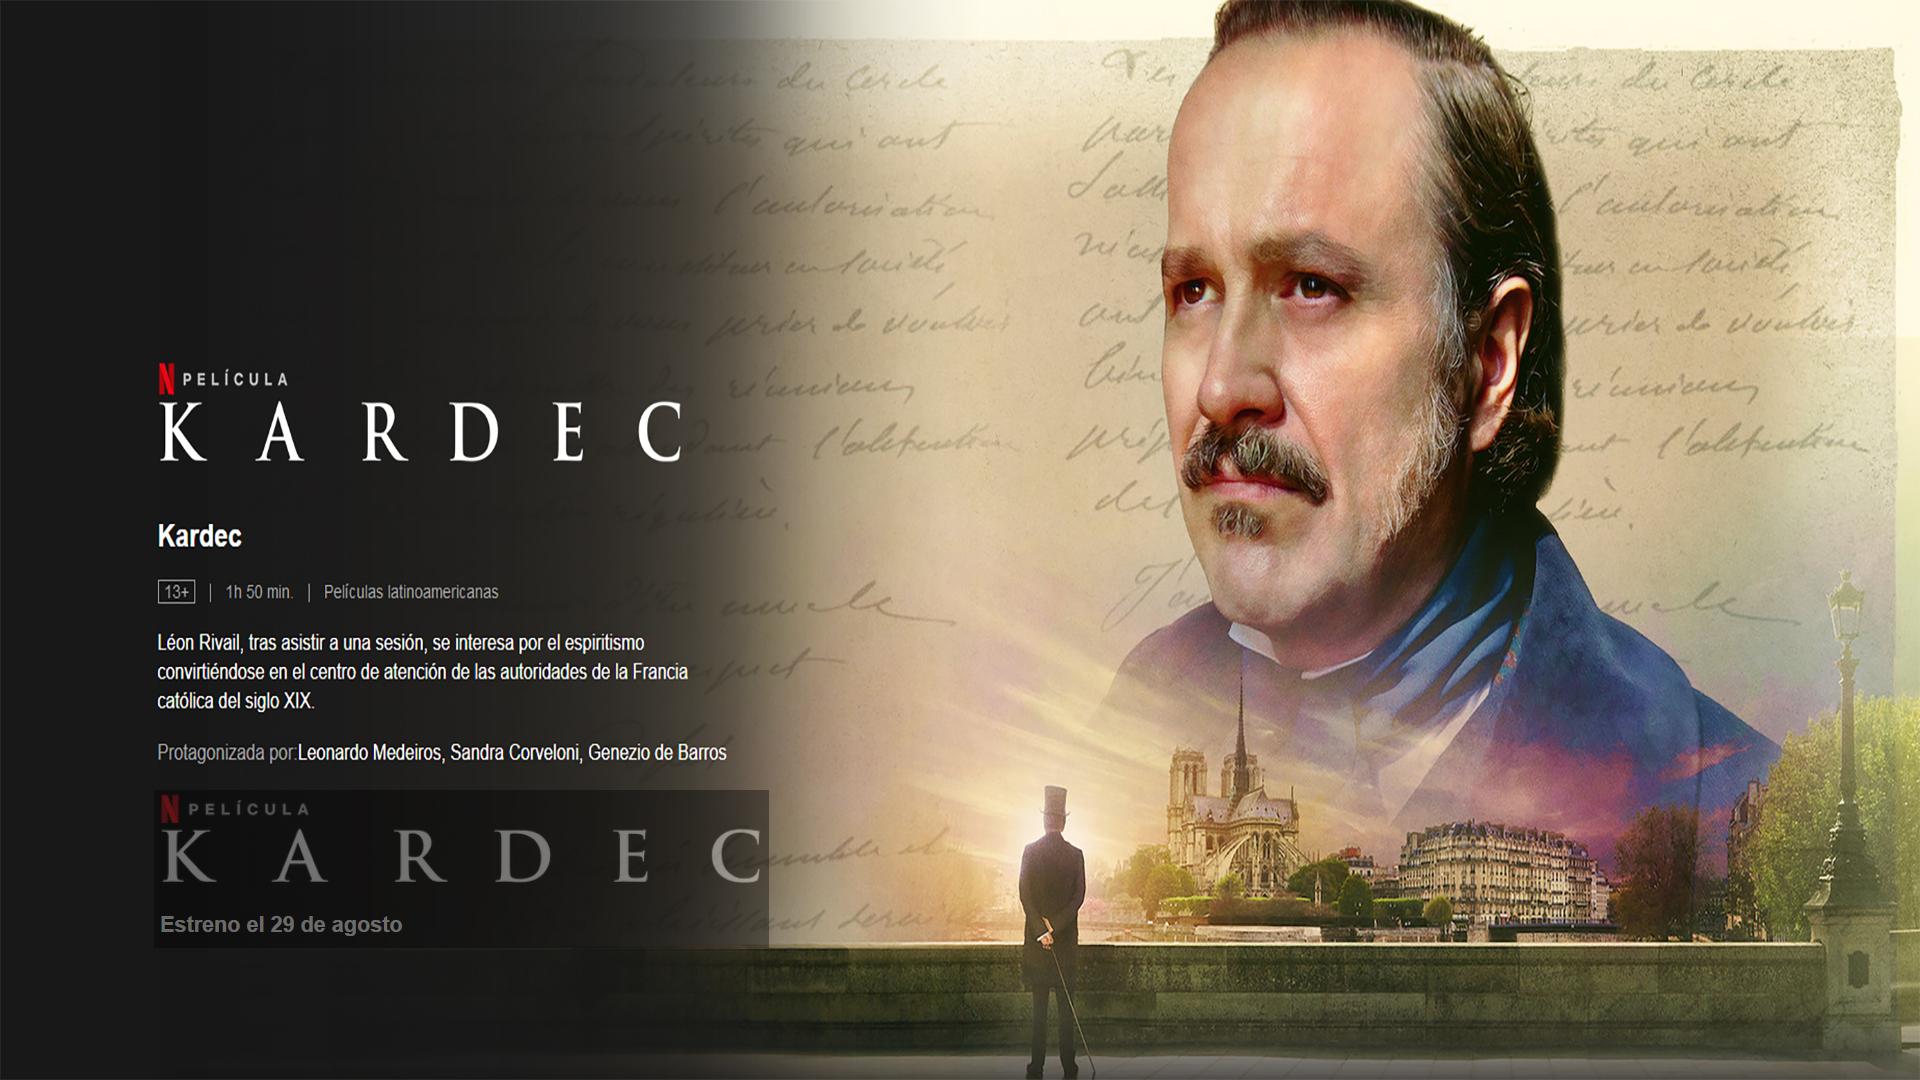 Imagen del trailer sobre la película de Kardec